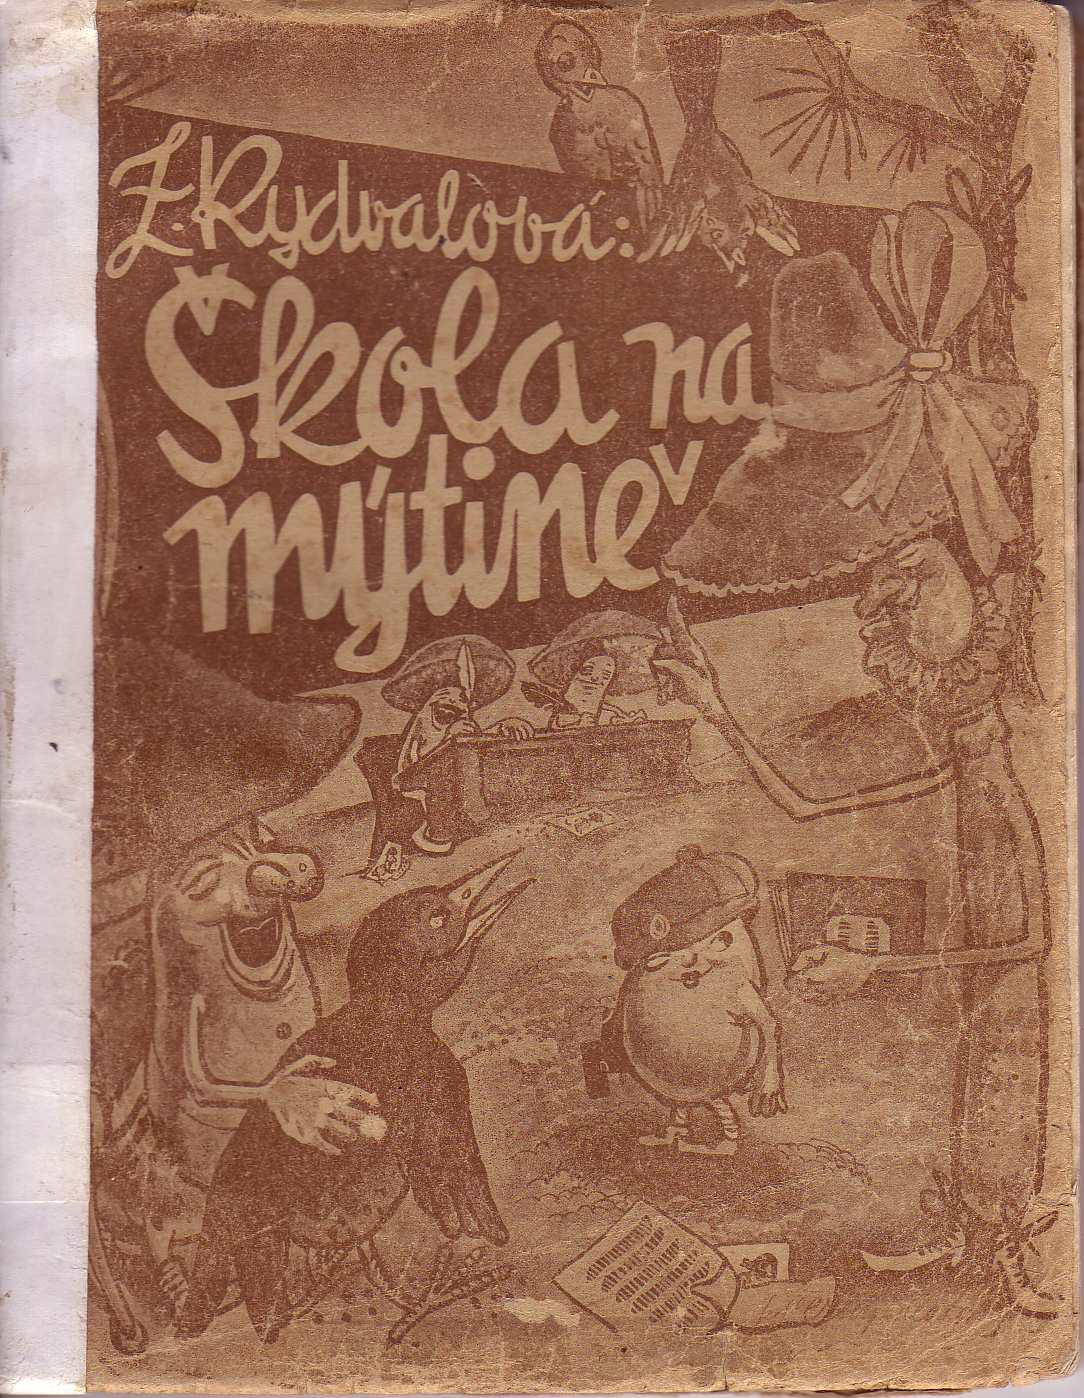 チェコスロバキア古書絵本 Skola na mytine